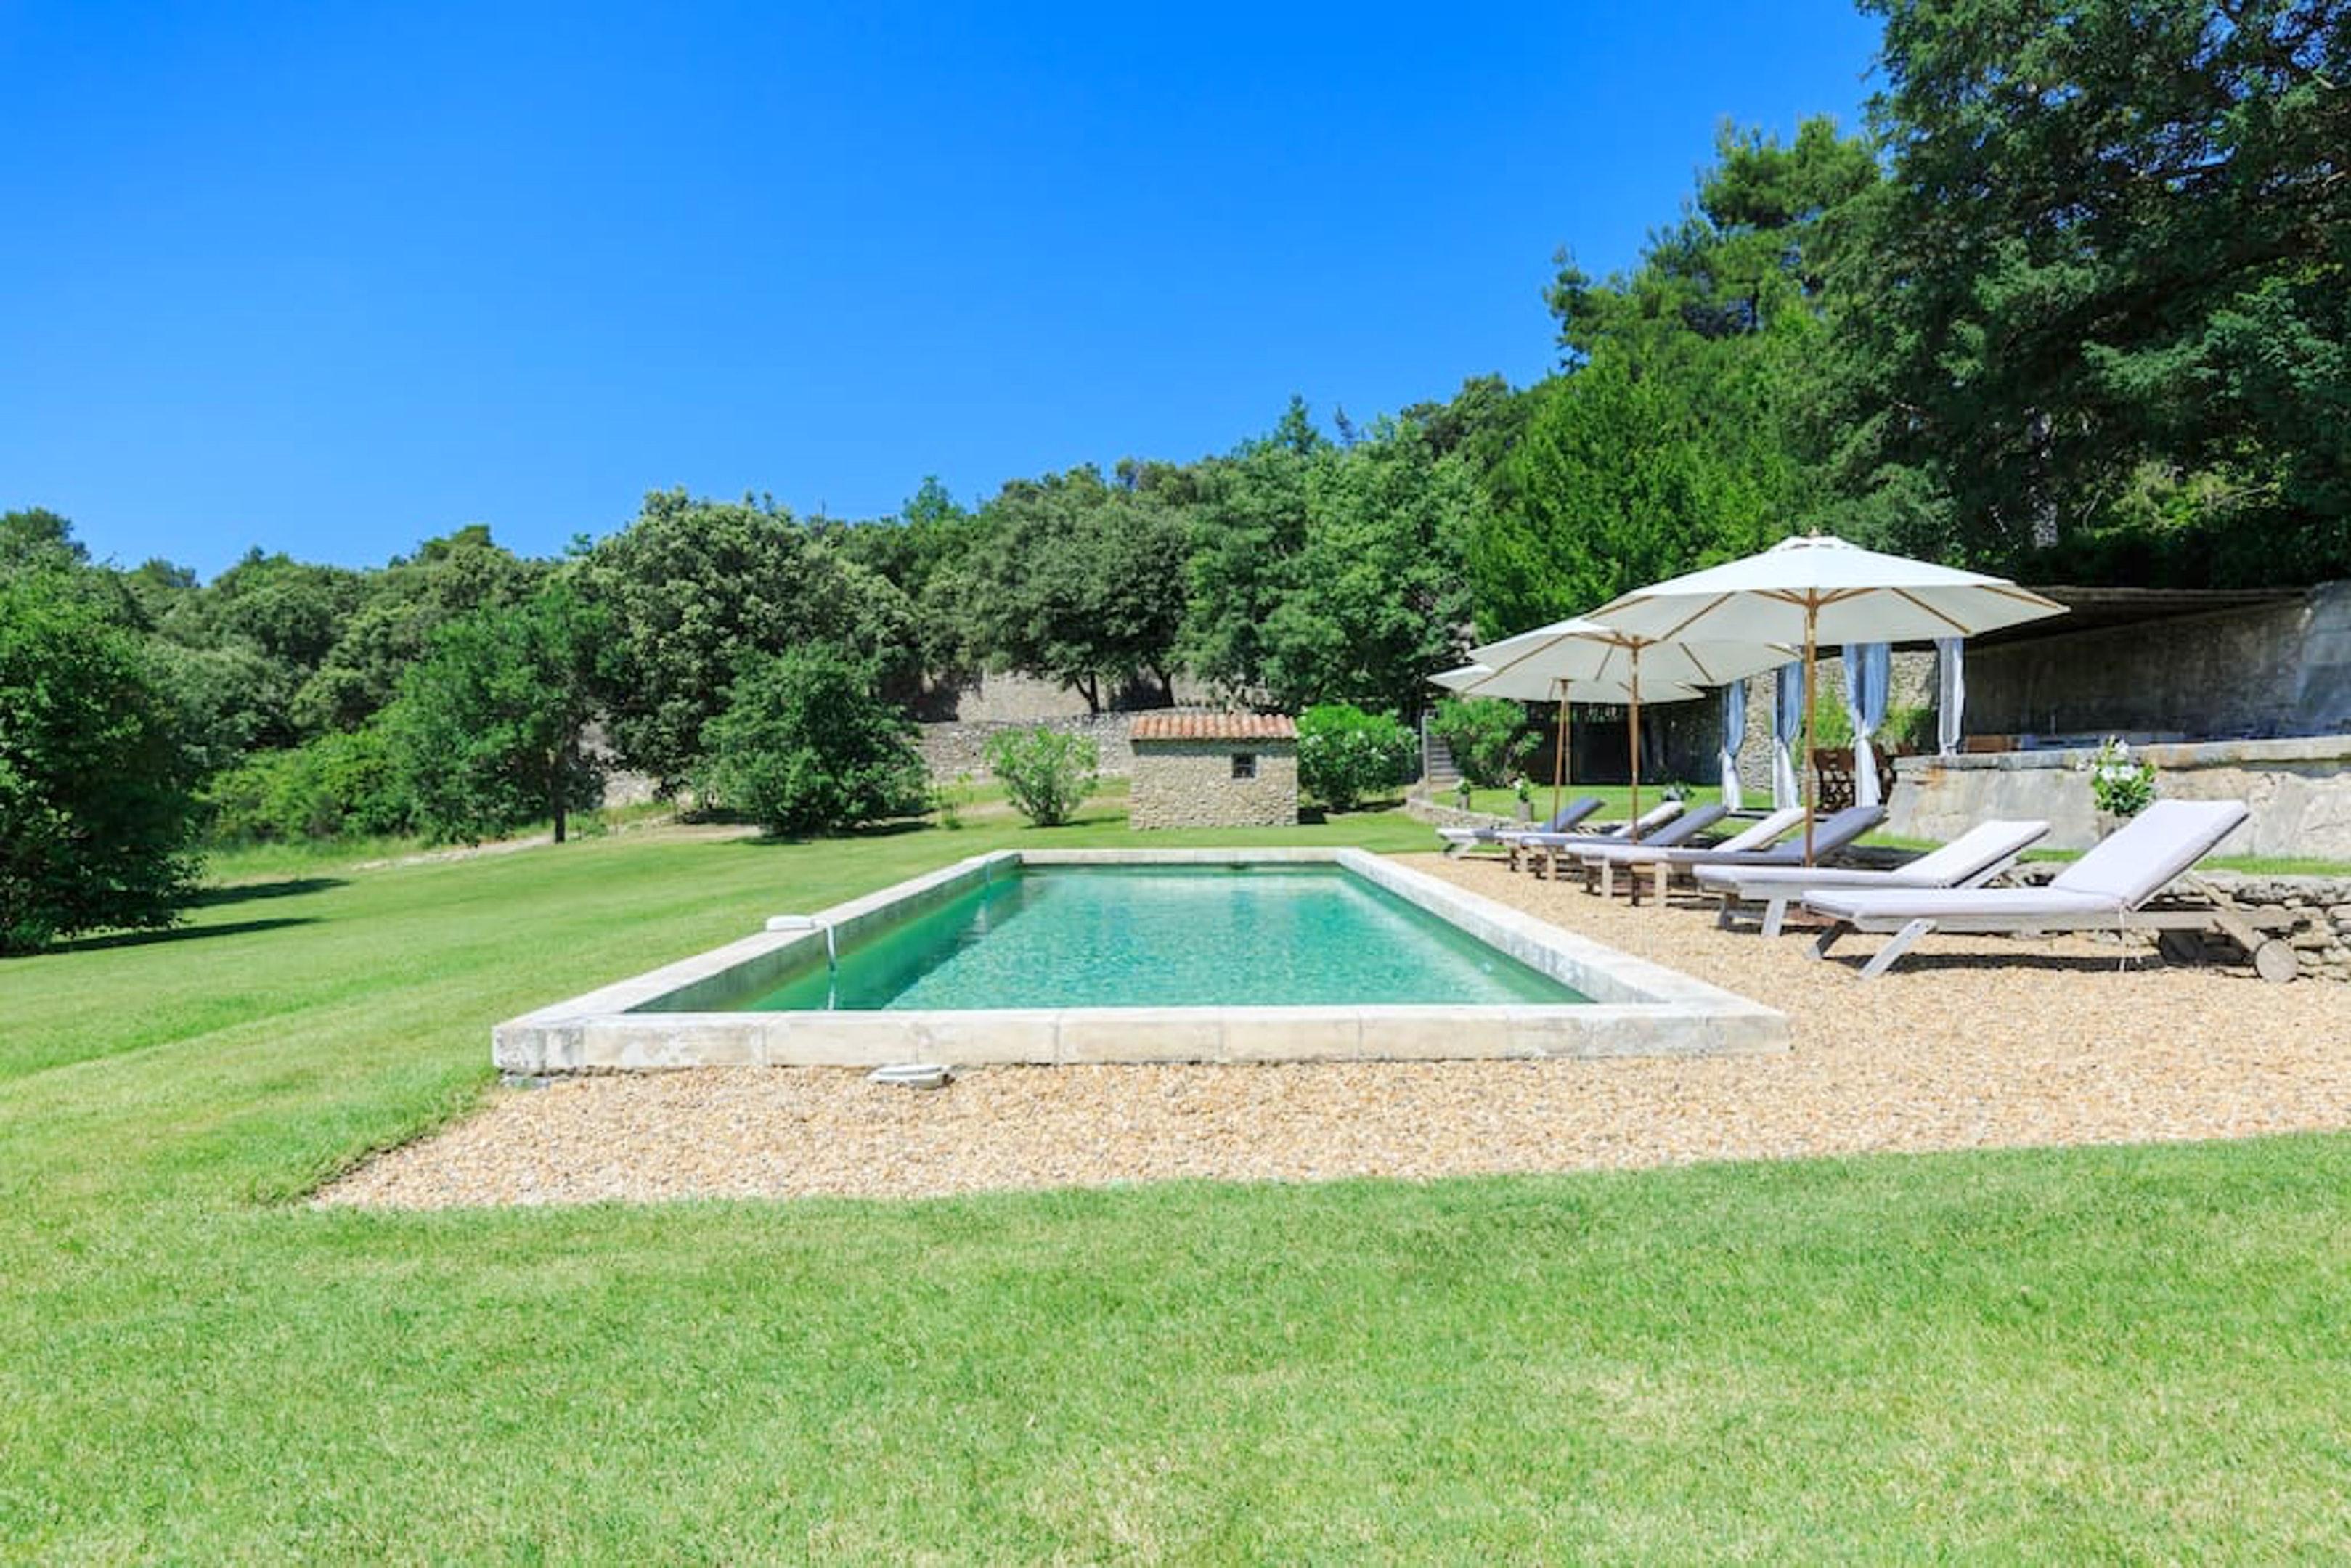 Maison de vacances Villa mit 6 Schlafzimmern in L'Isle-sur-la-Sorgue mit privatem Pool, möbliertem Garten und (2647203), L'Isle sur la Sorgue, Vaucluse, Provence - Alpes - Côte d'Azur, France, image 47